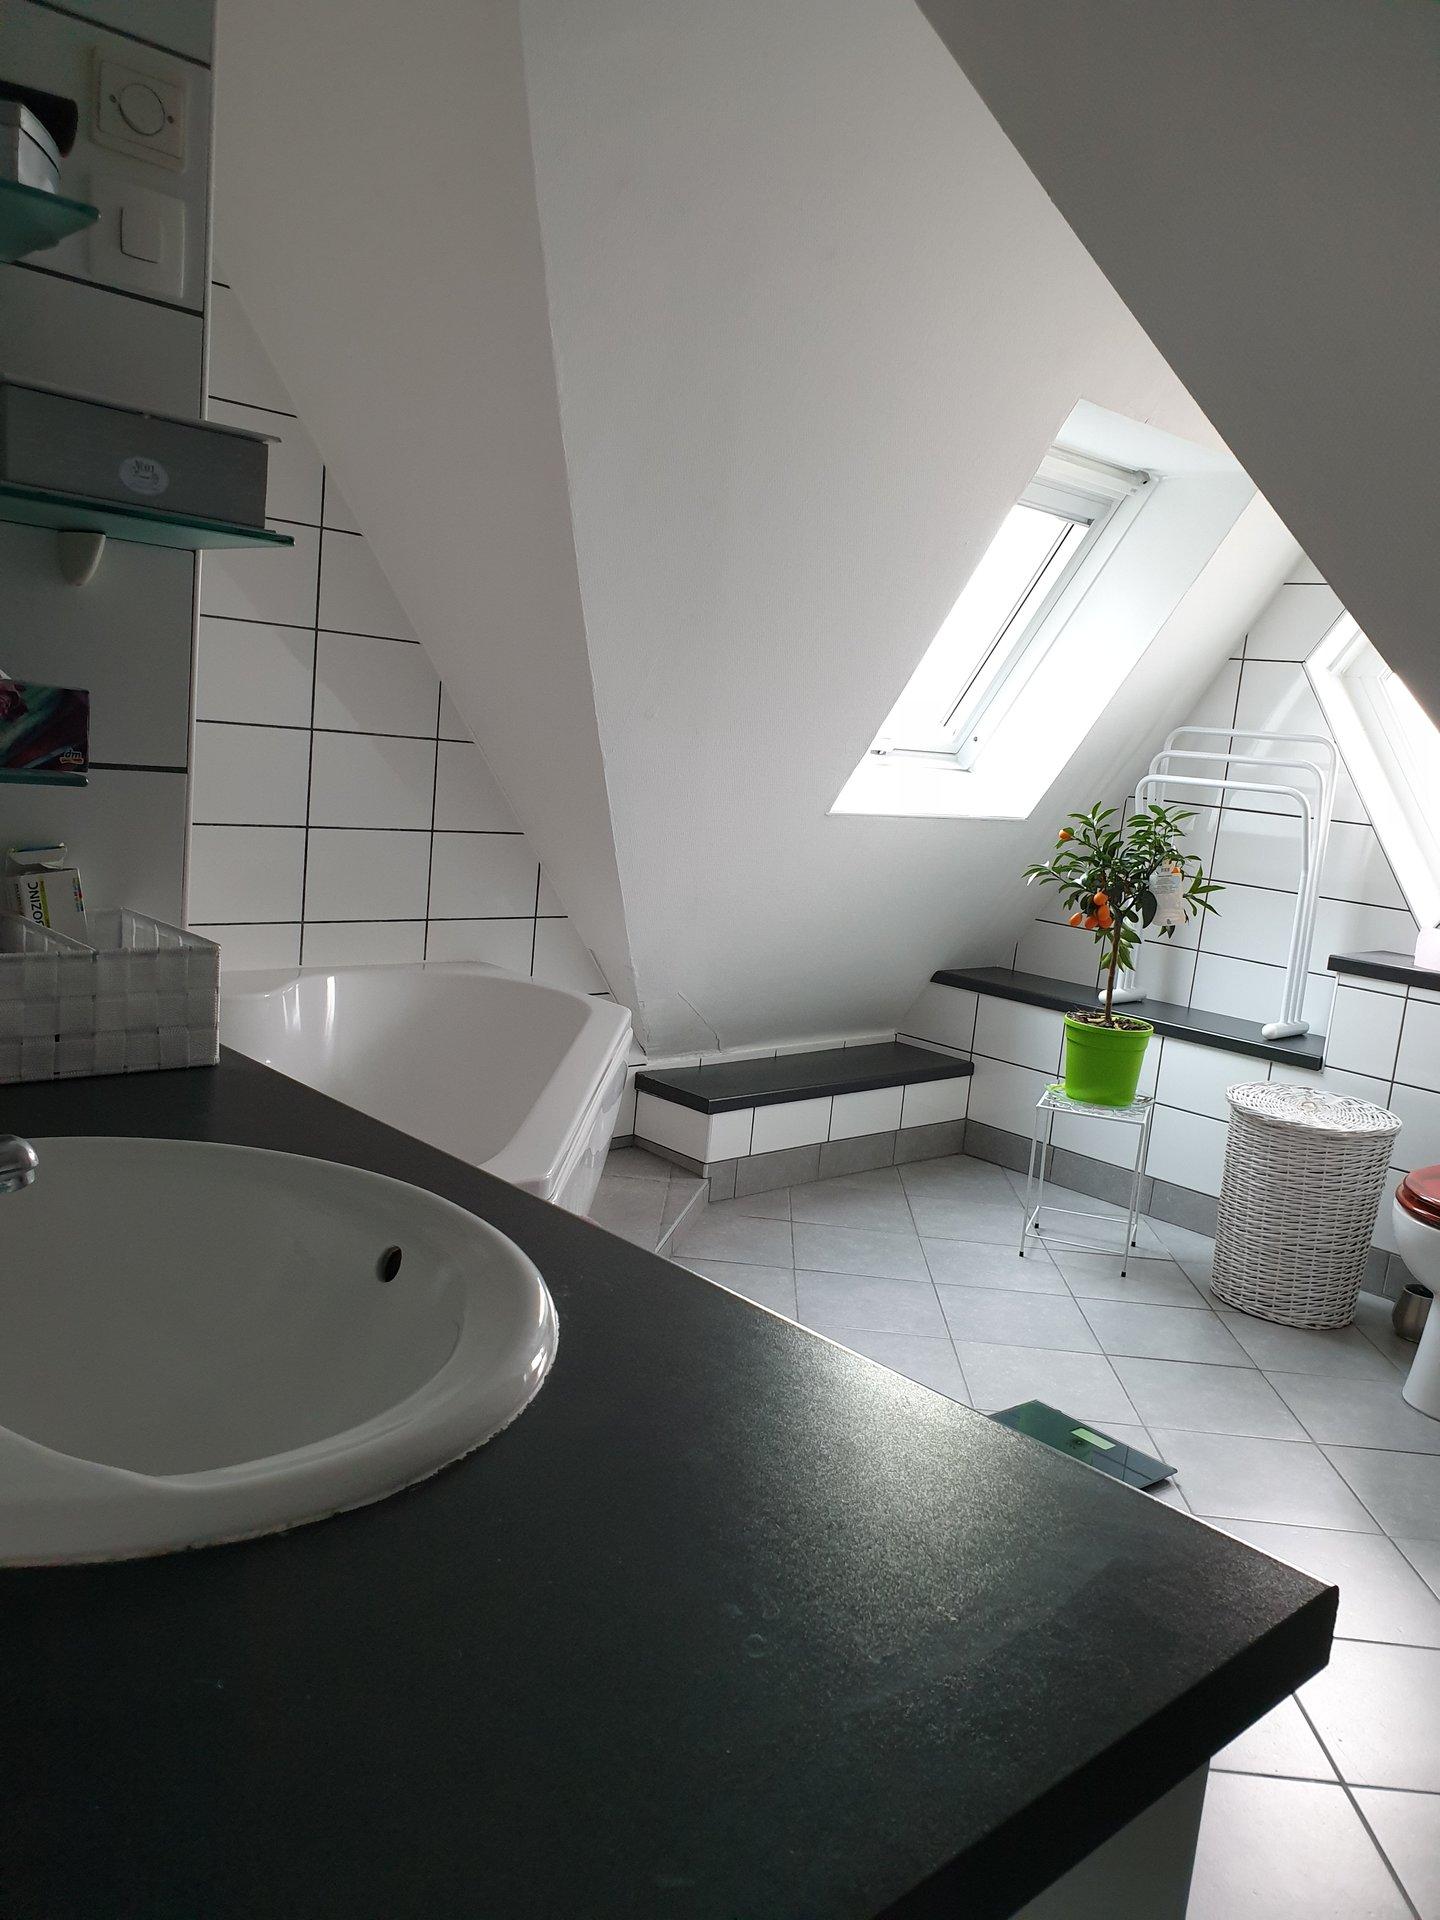 Molsheim - Magnifique maison !!